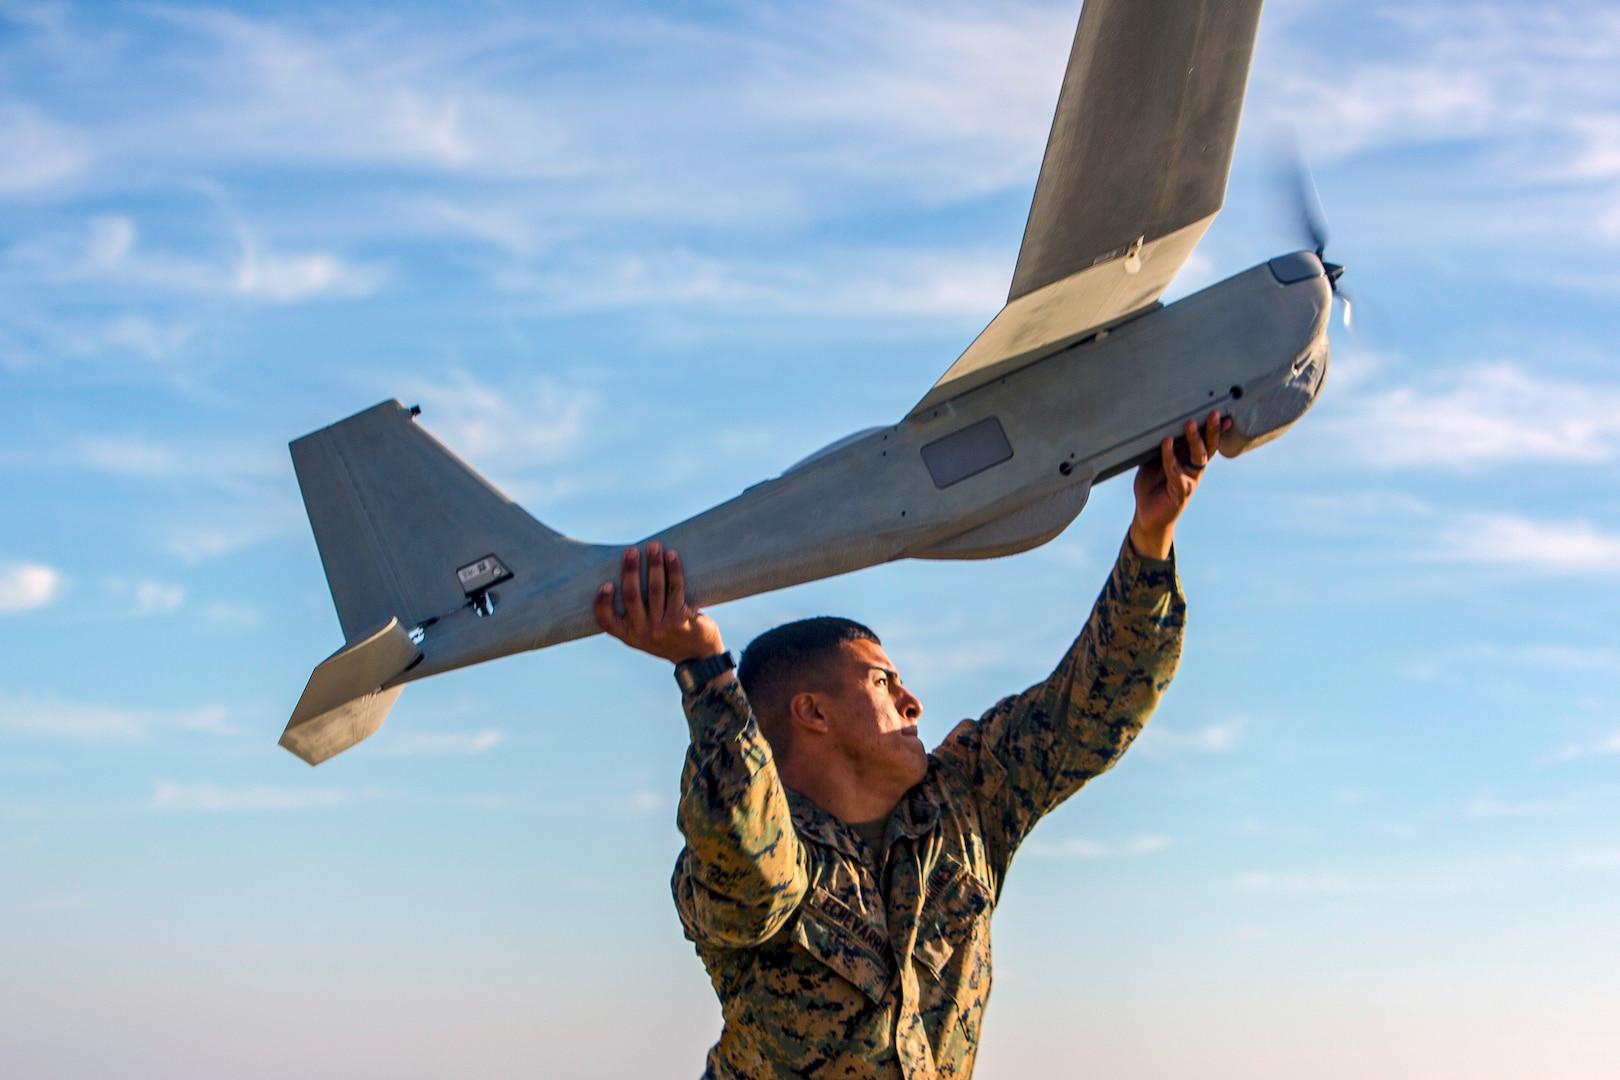 A Marine prepares to throw a drone into flight.